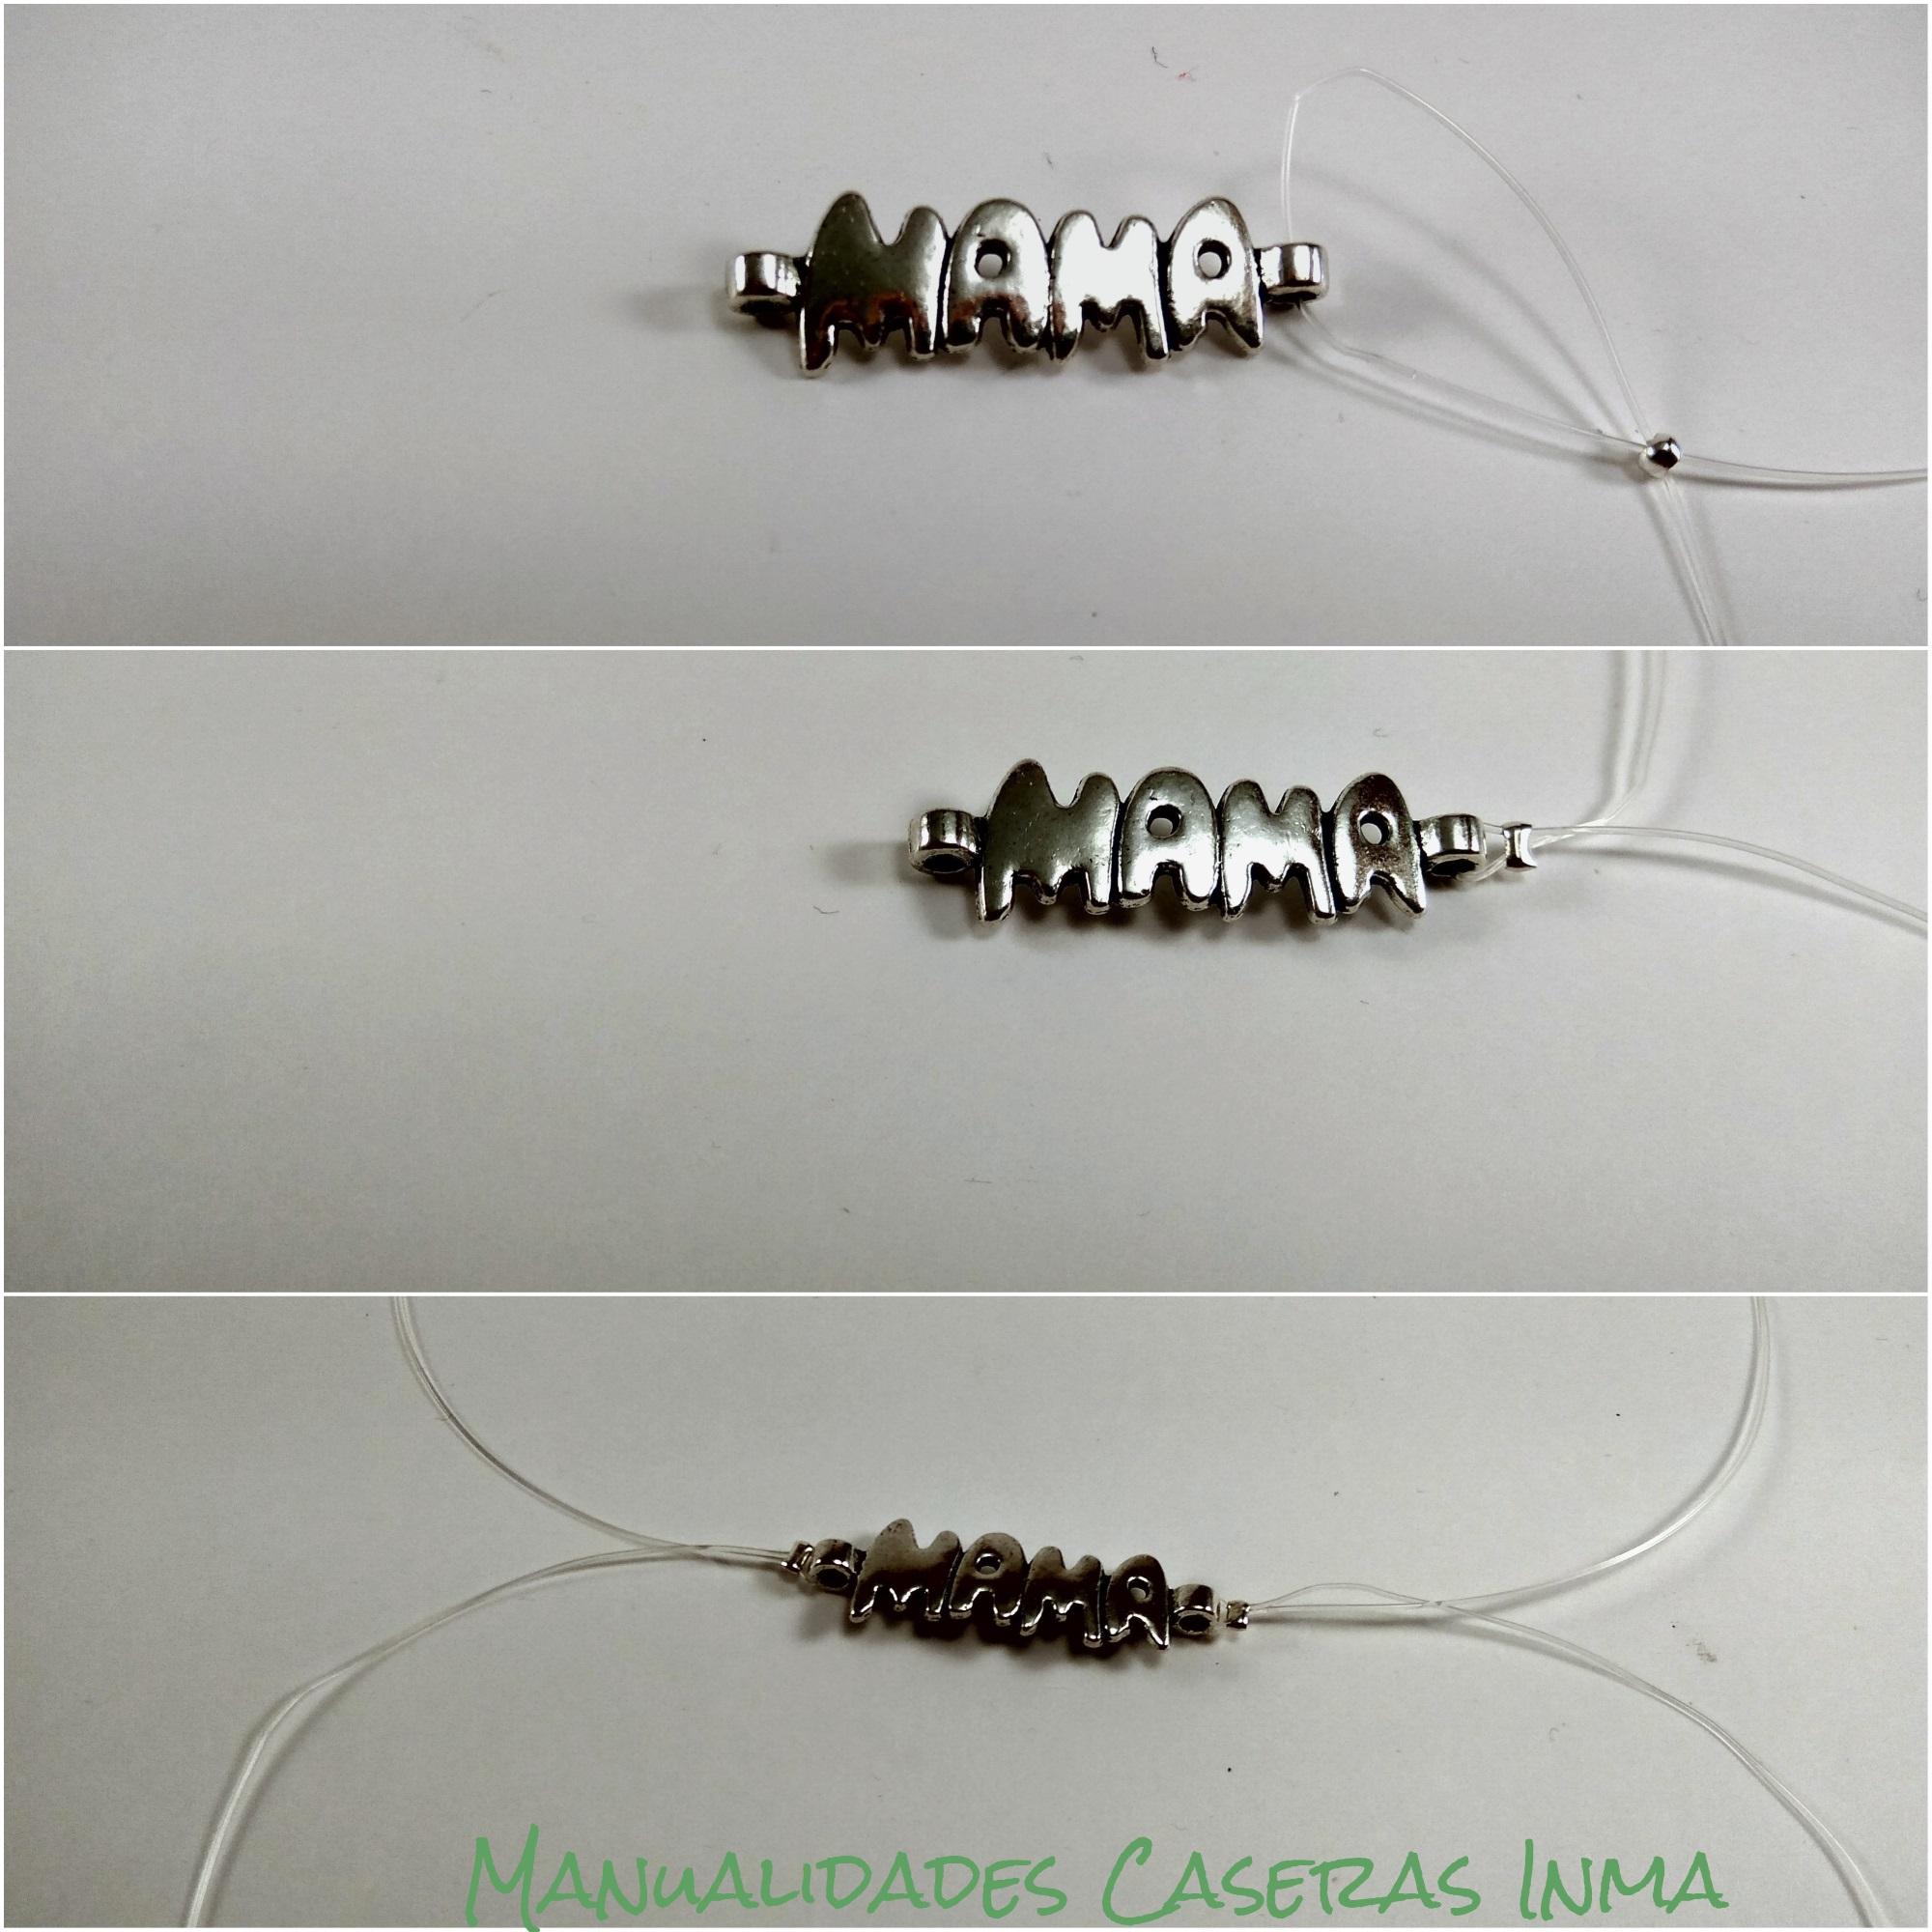 Manualidades Caseras Inma_ Como colocar la pieza de metal Mamá